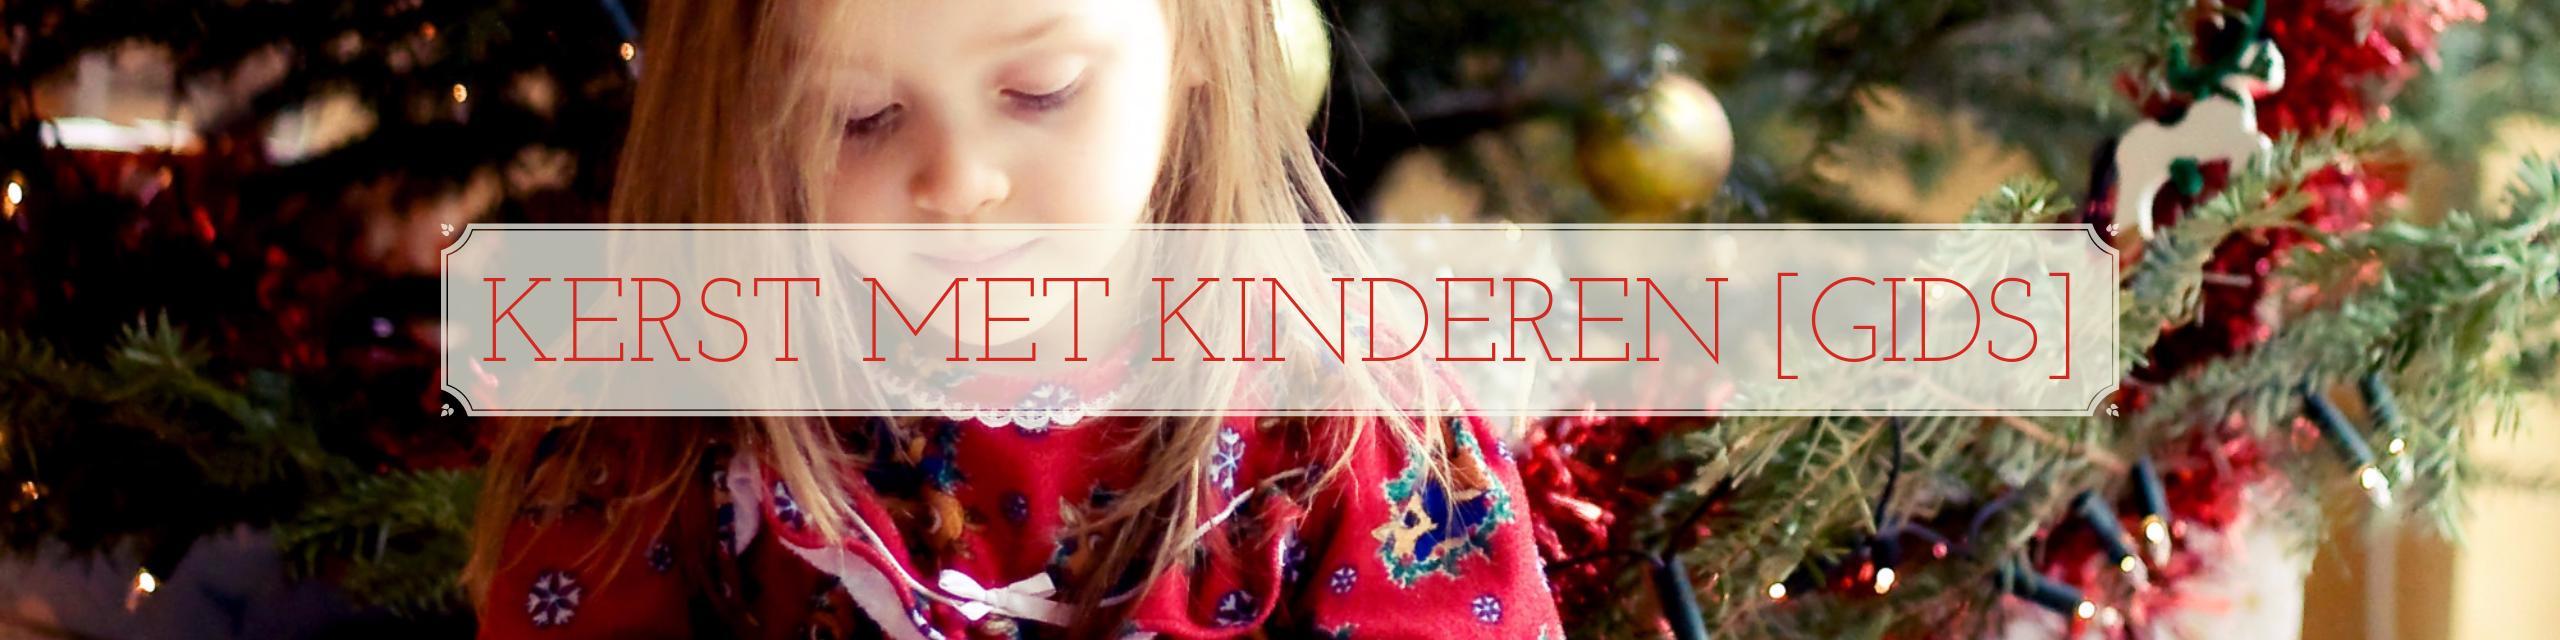 kerst-met-kinderen-gids-3